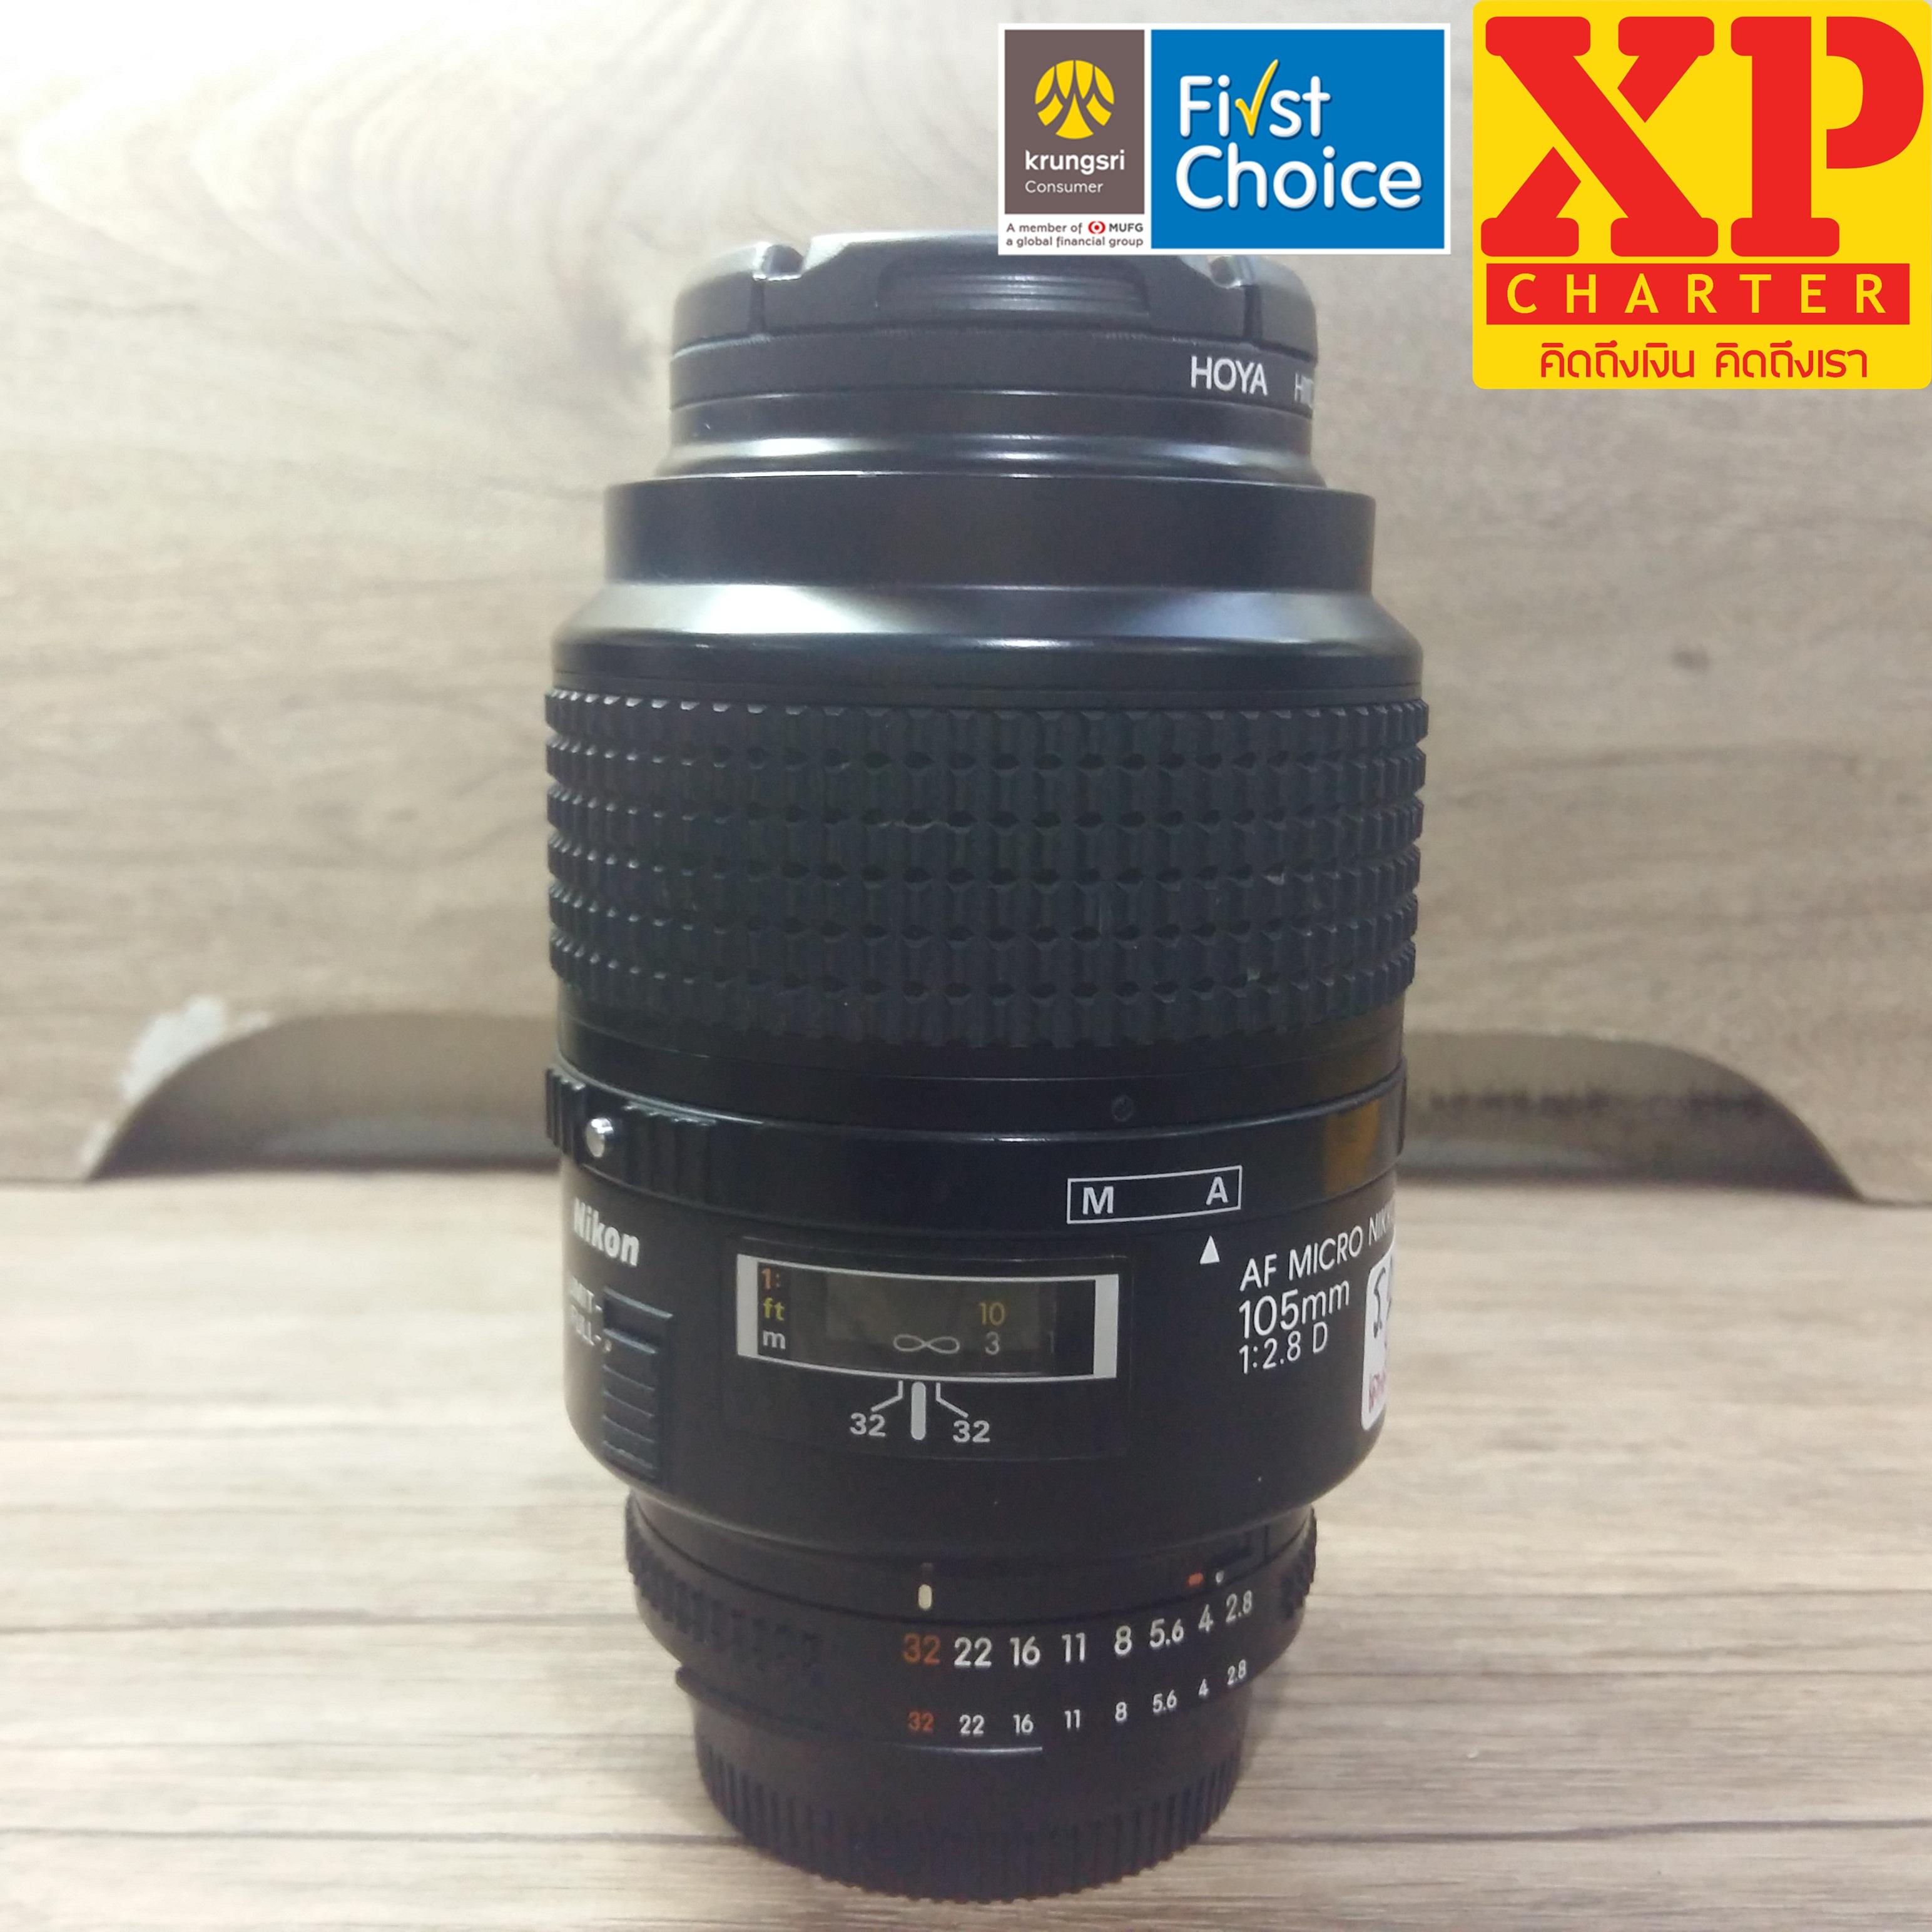 (รหัสสินค้า ร21224) เลนส์ Nikon 105mm f2.8